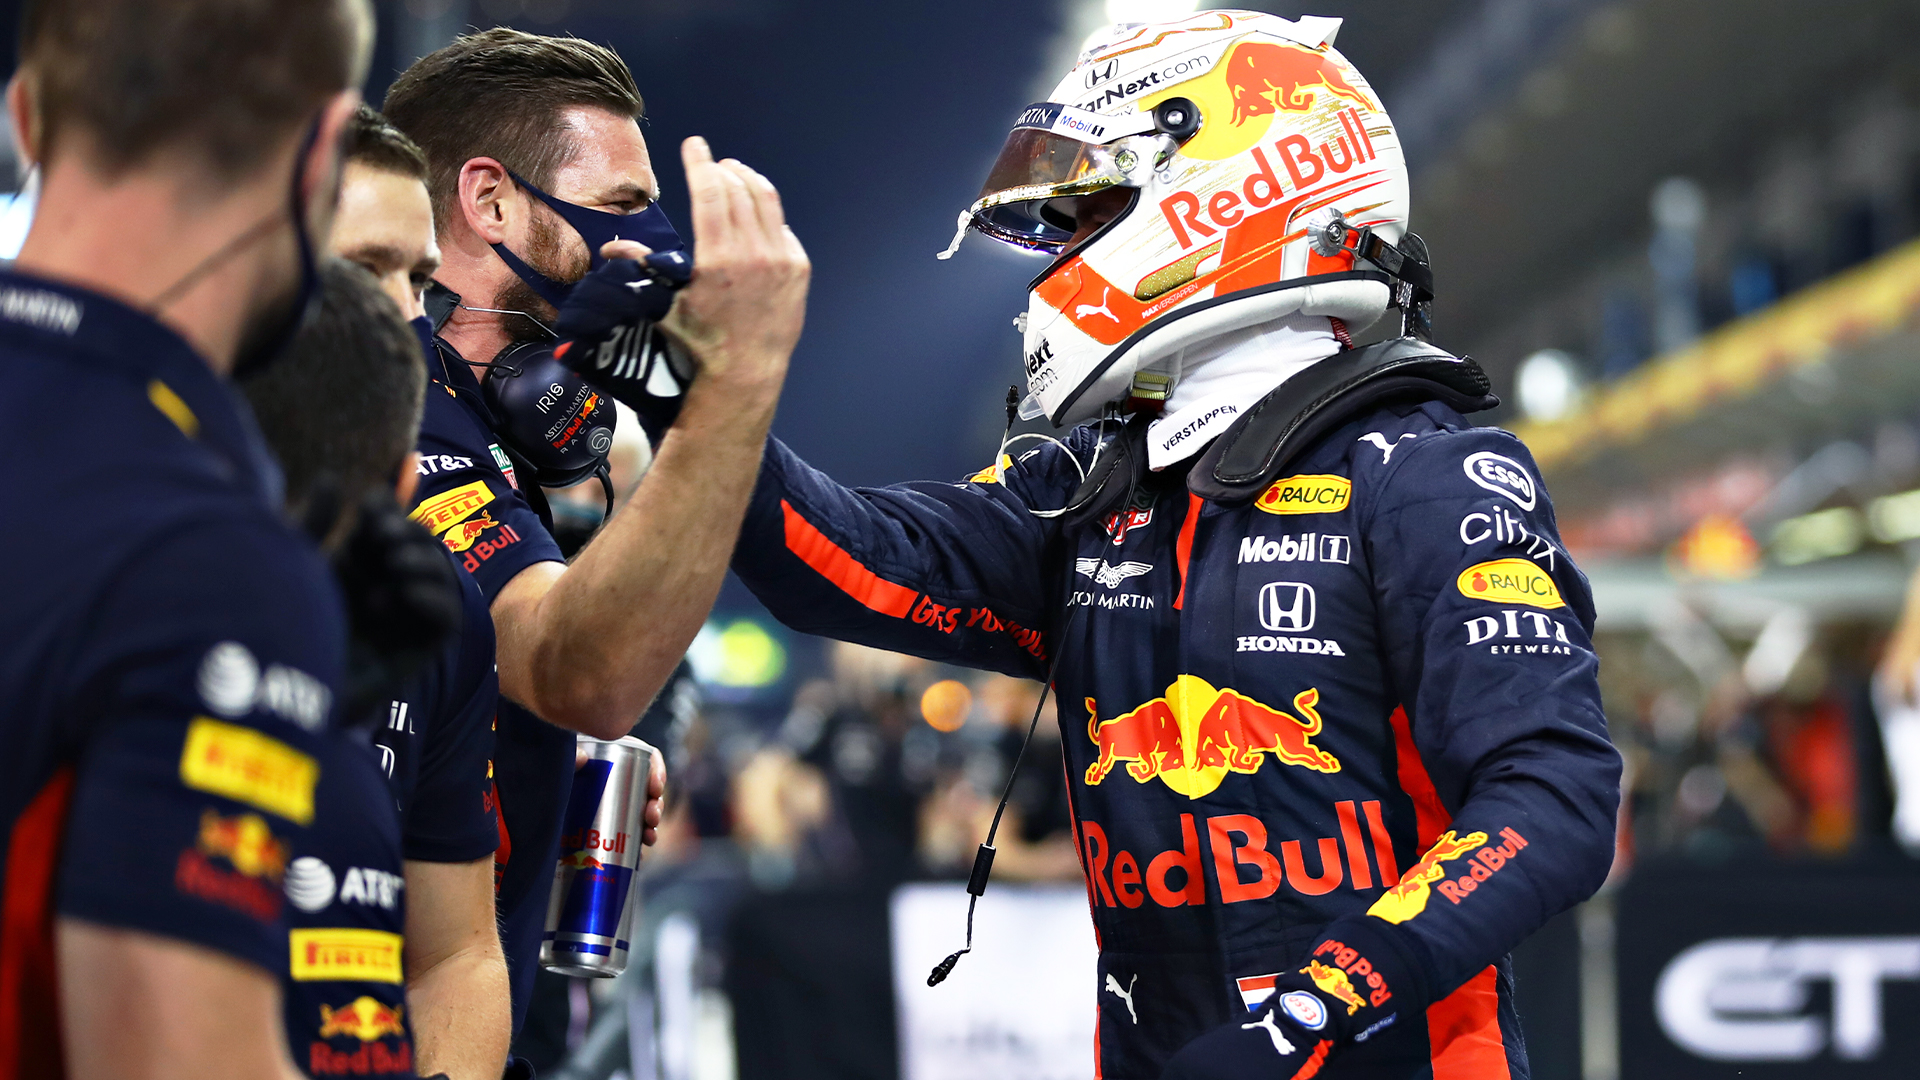 Max Verstappen sorprende con la pole position en Abu Dhabi